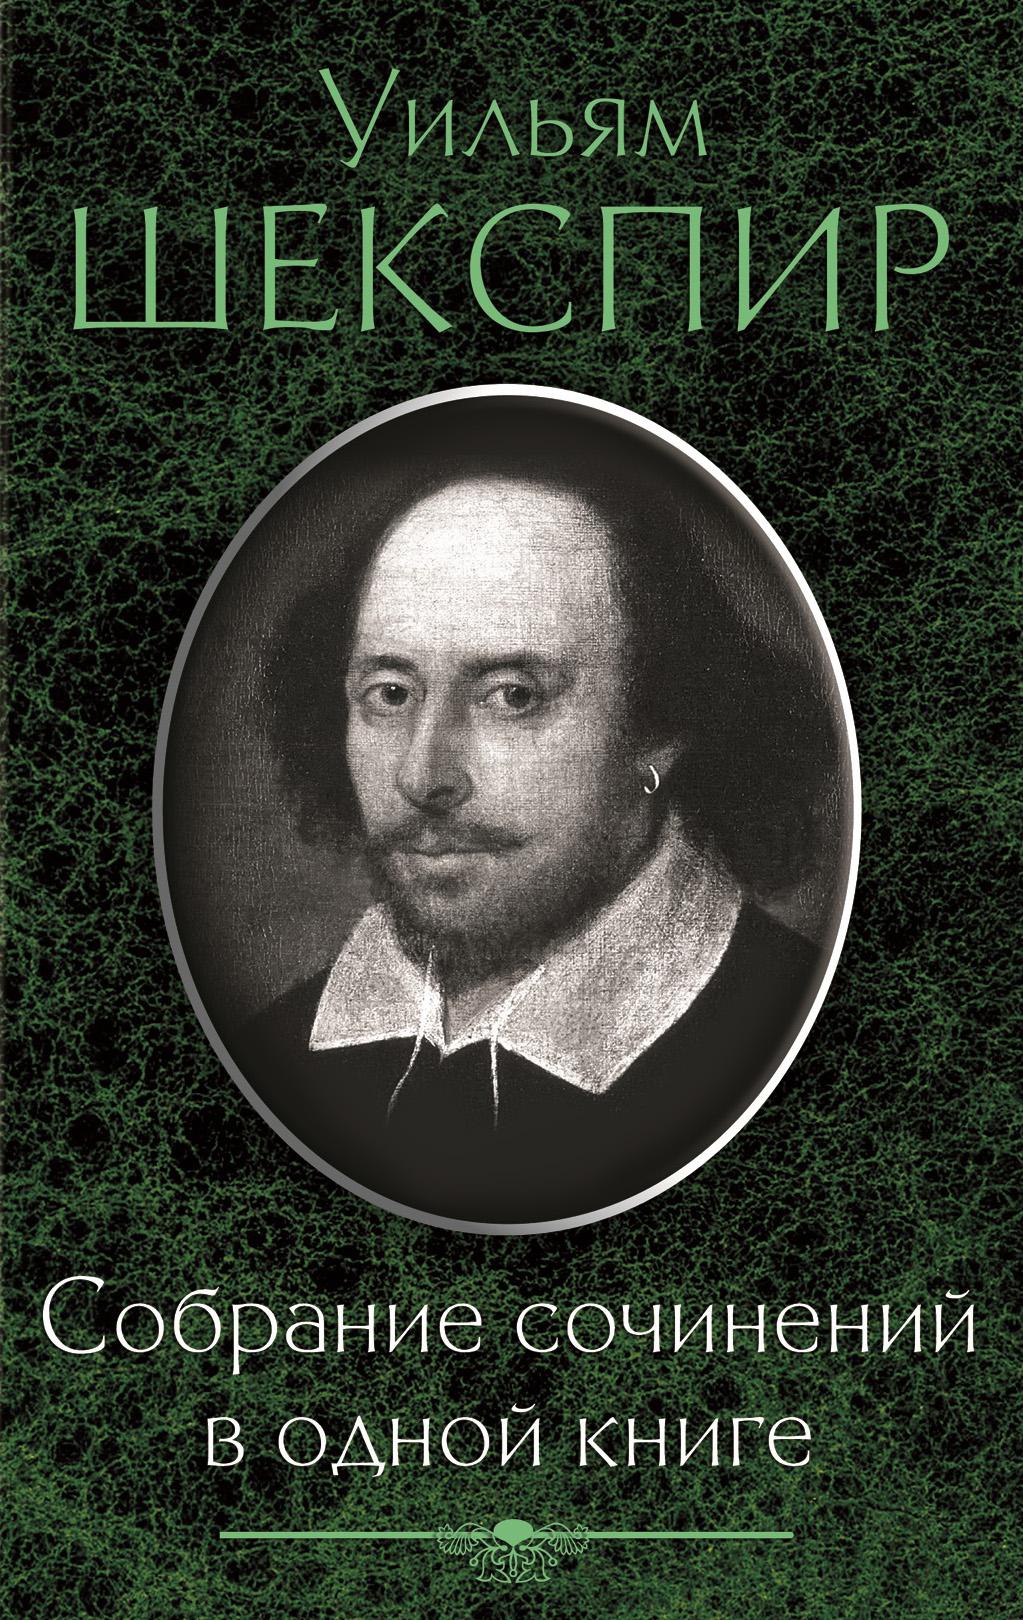 Собрание сочинений в одной книге (сборник) ( Уильям Шекспир  )